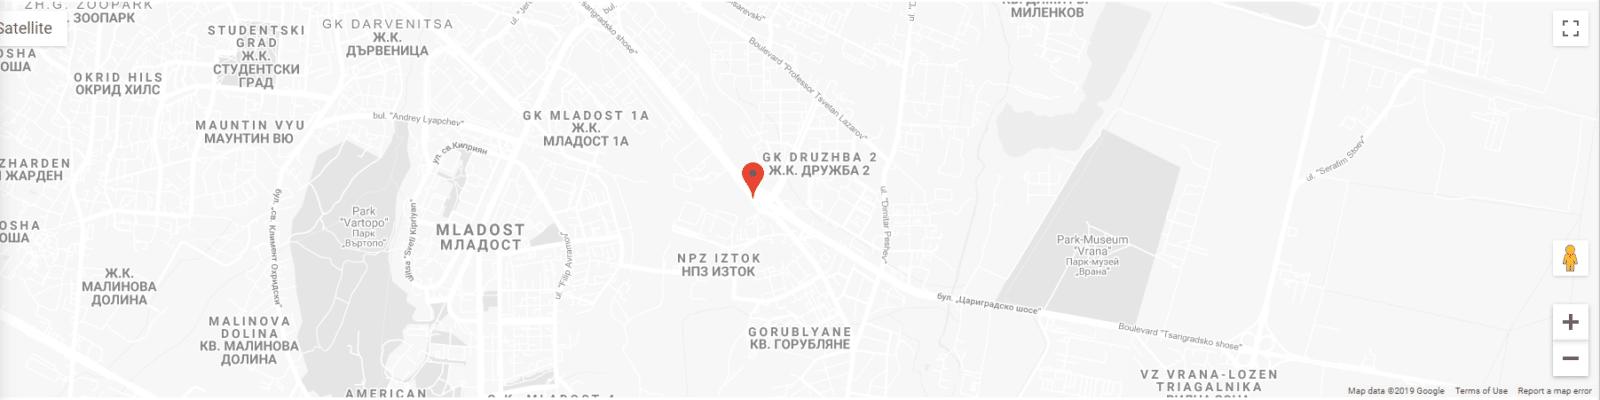 Адрес на Чичи Амичи в София